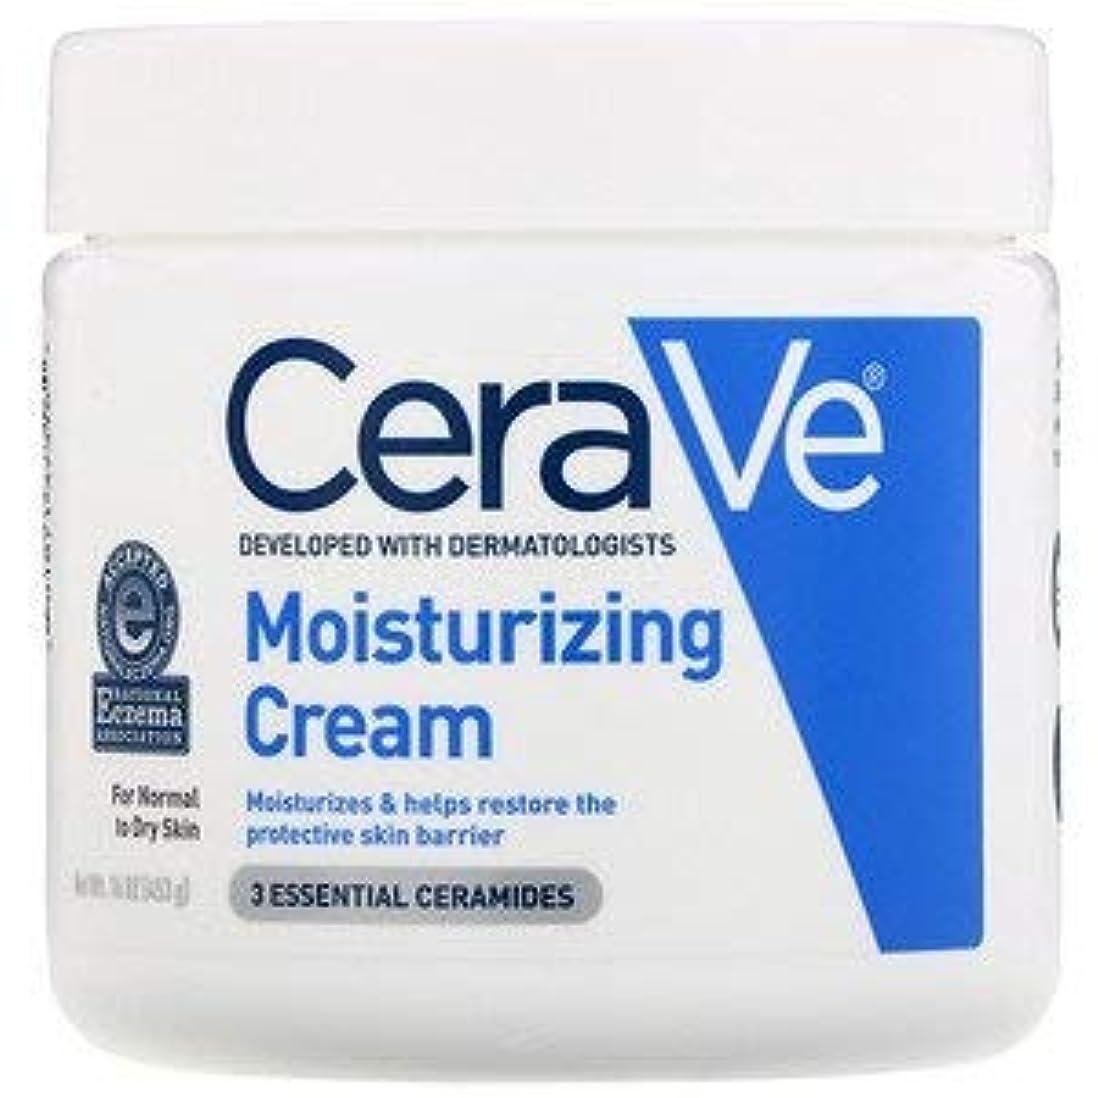 シャベル以内にソフィー並行輸入品Cerave Cerave Moisturizing Cream, 16 ozX 3パック